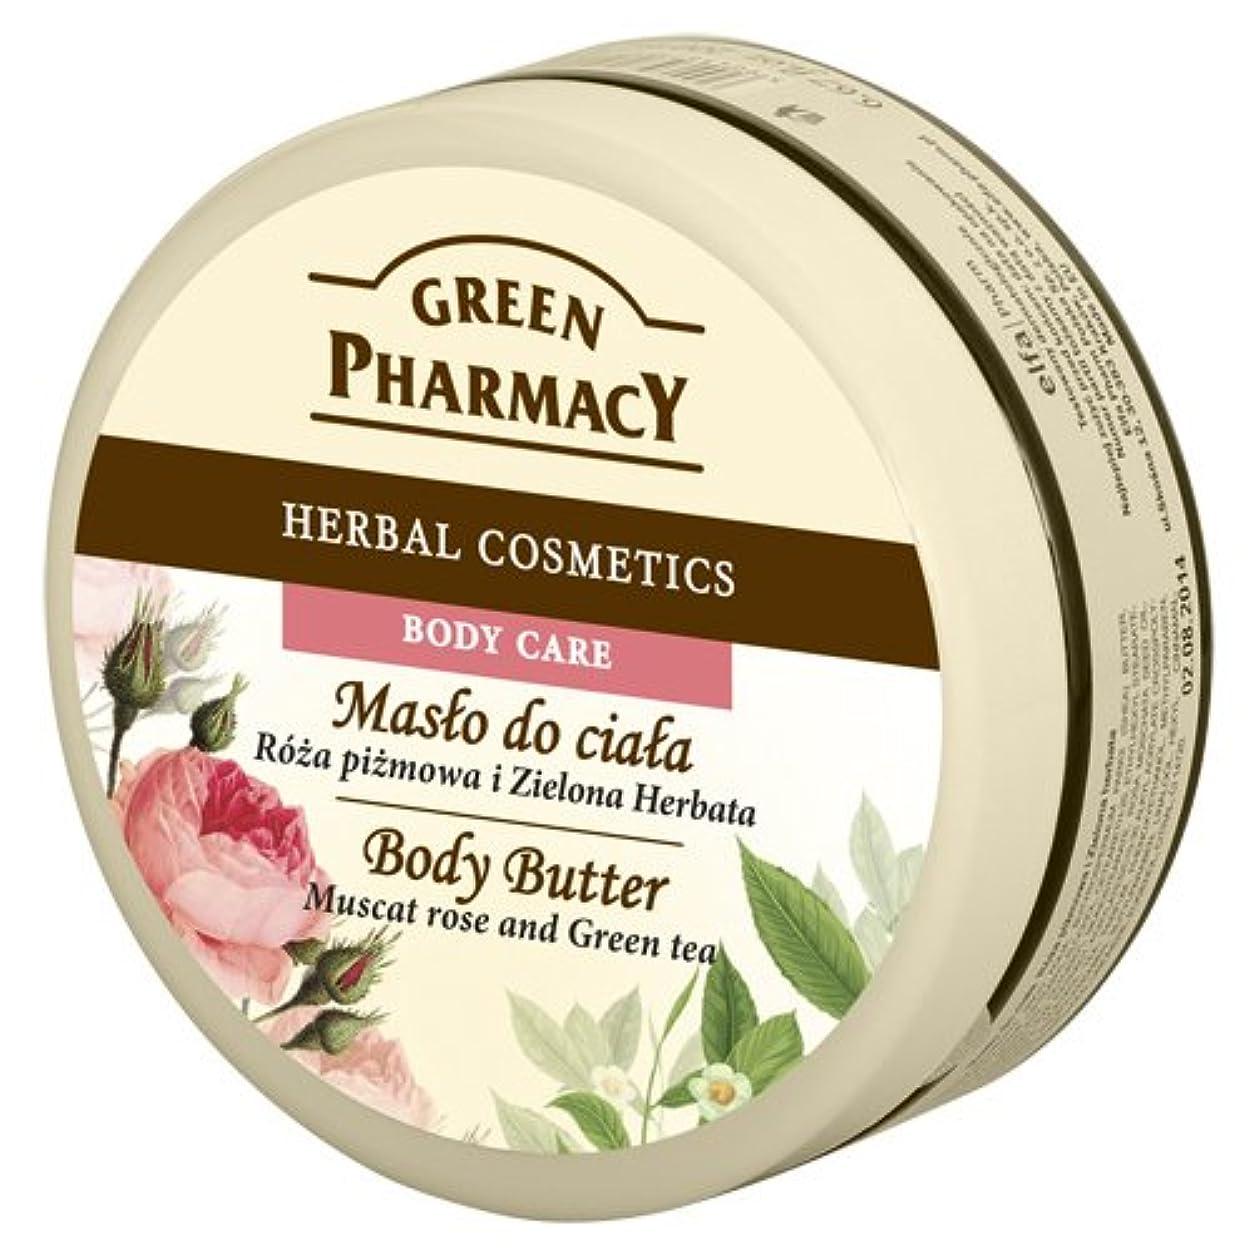 ミュウミュウ治安判事エレガントElfa Pharm Green Pharmacy グリーンファーマシー Body Butter ボディバター Muscat Rose and Green Tea